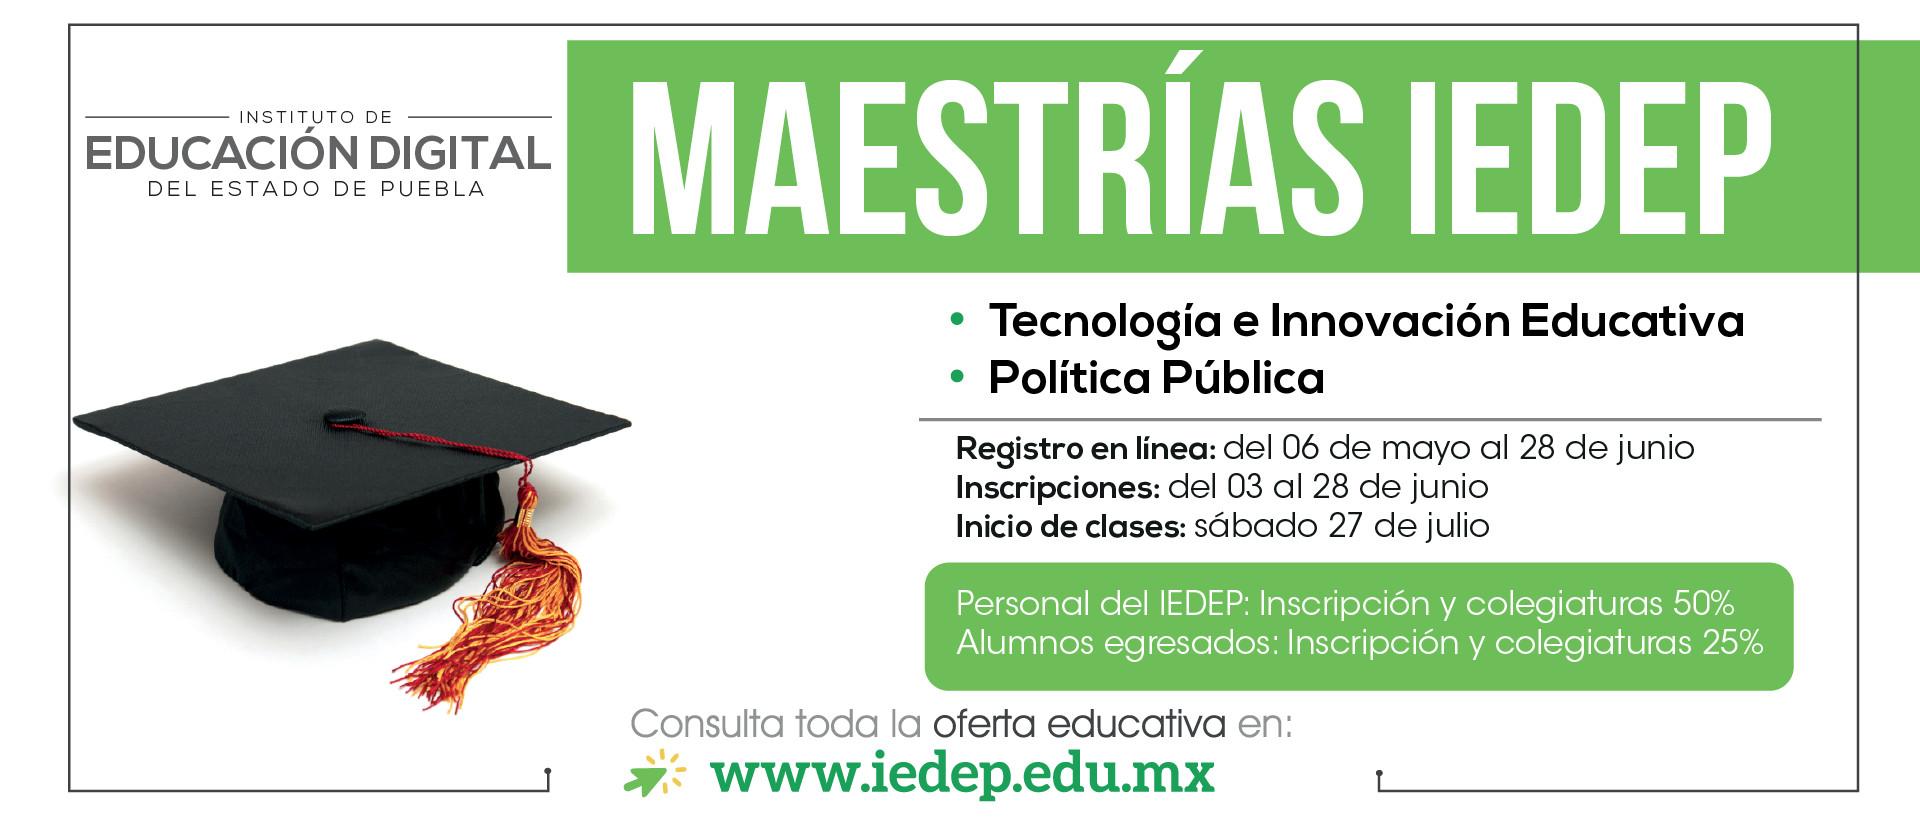 Tecnología e Innovación Educativa Política Pública